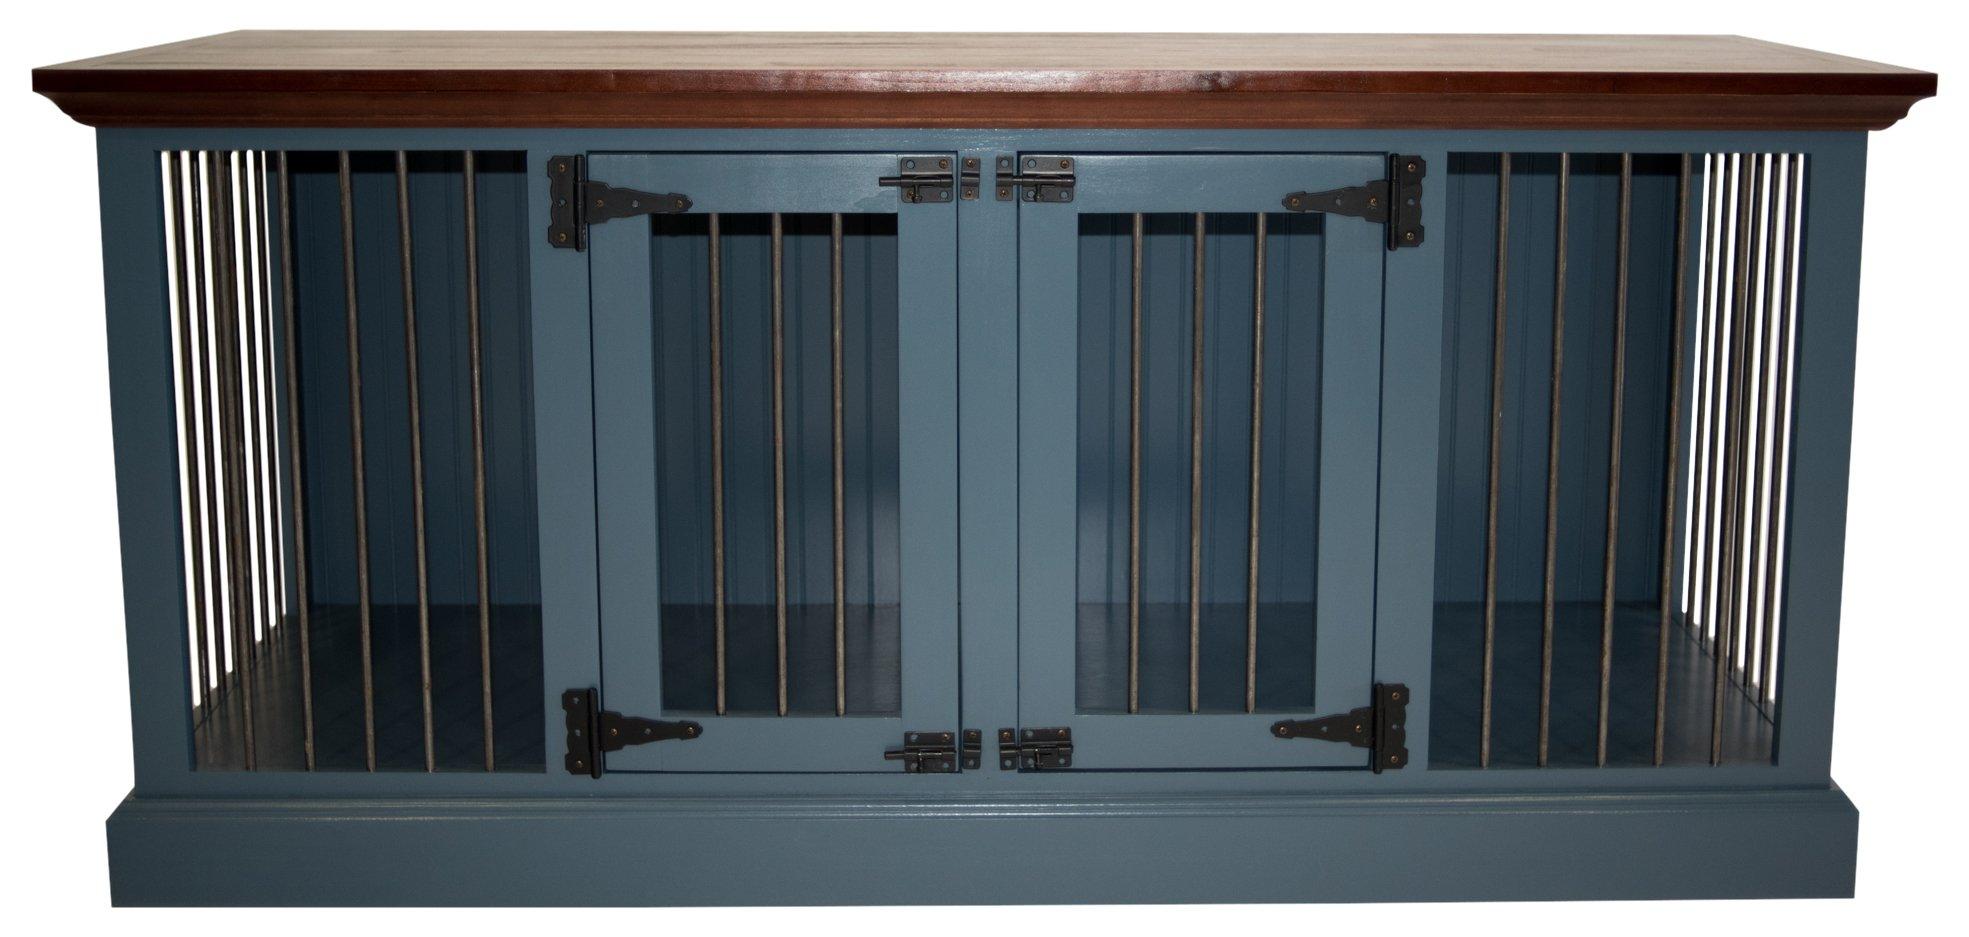 Eagle Furniture Manufacturing K9SDD-302364-SSHG K9 Crate, Summer Sage